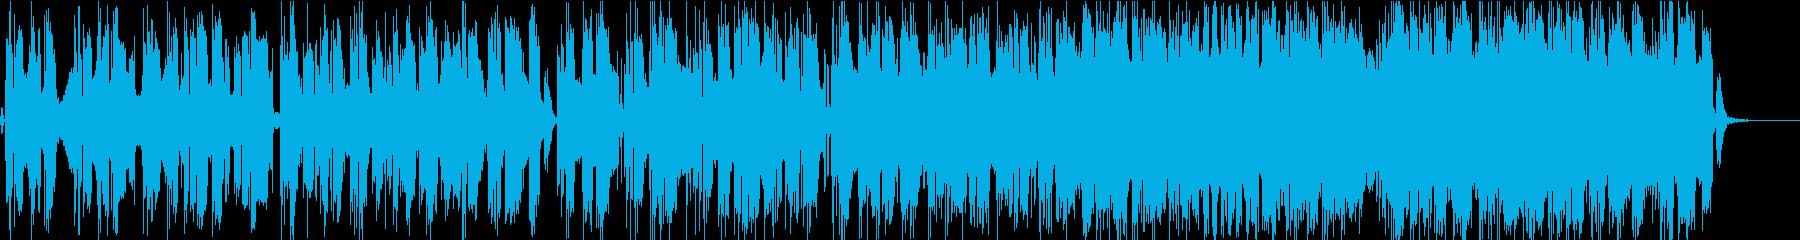 地球系の映像作品・映画に☆壮大なバラードの再生済みの波形